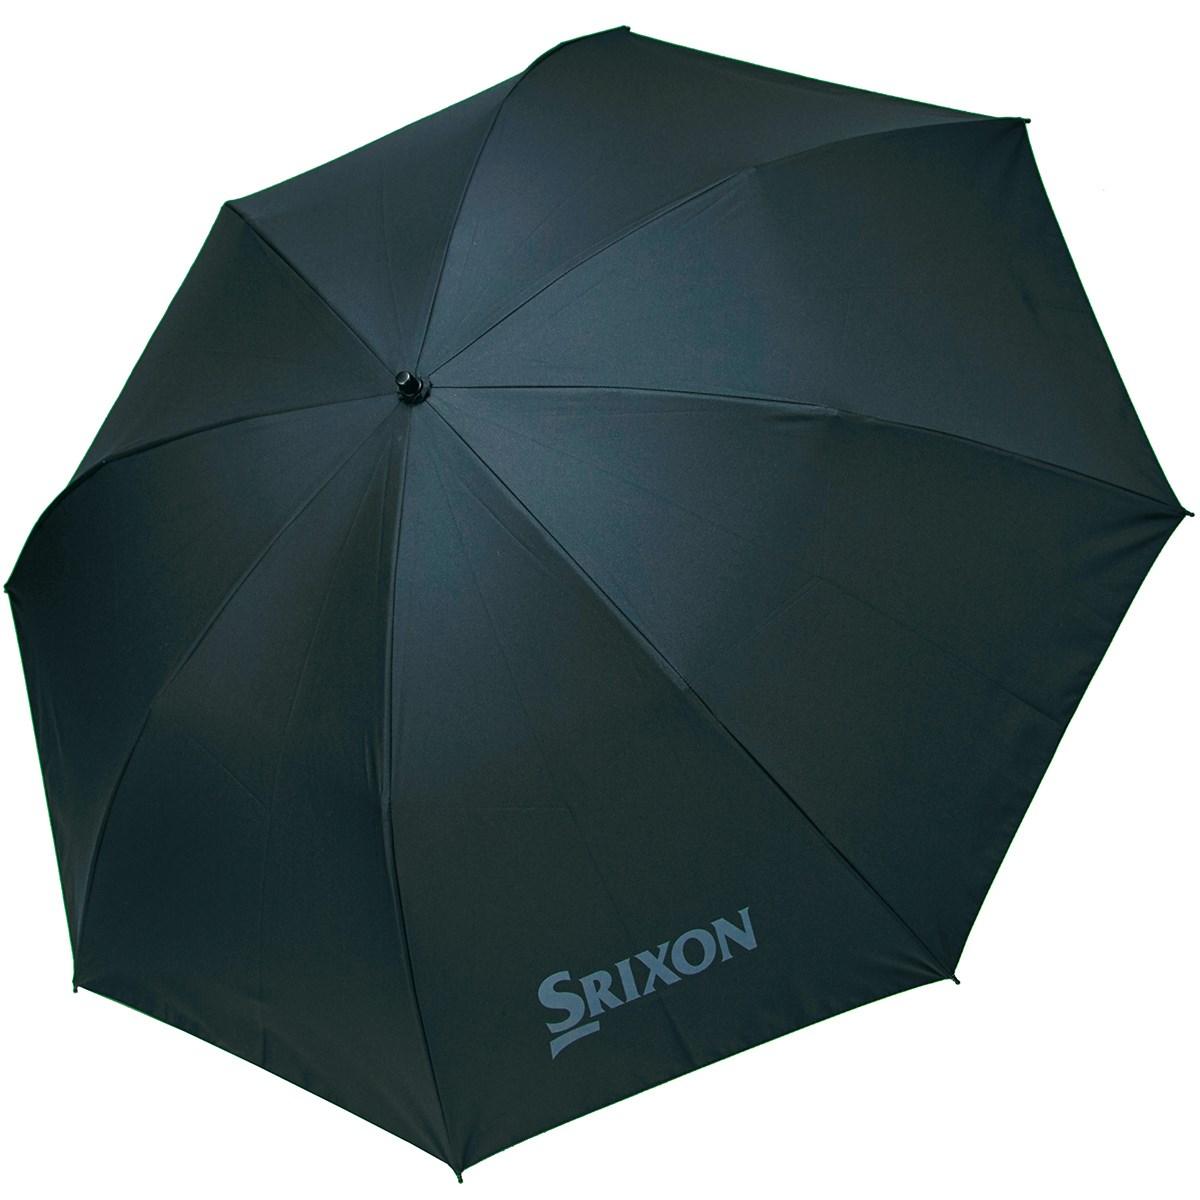 ダンロップ(DUNLOP) 傘